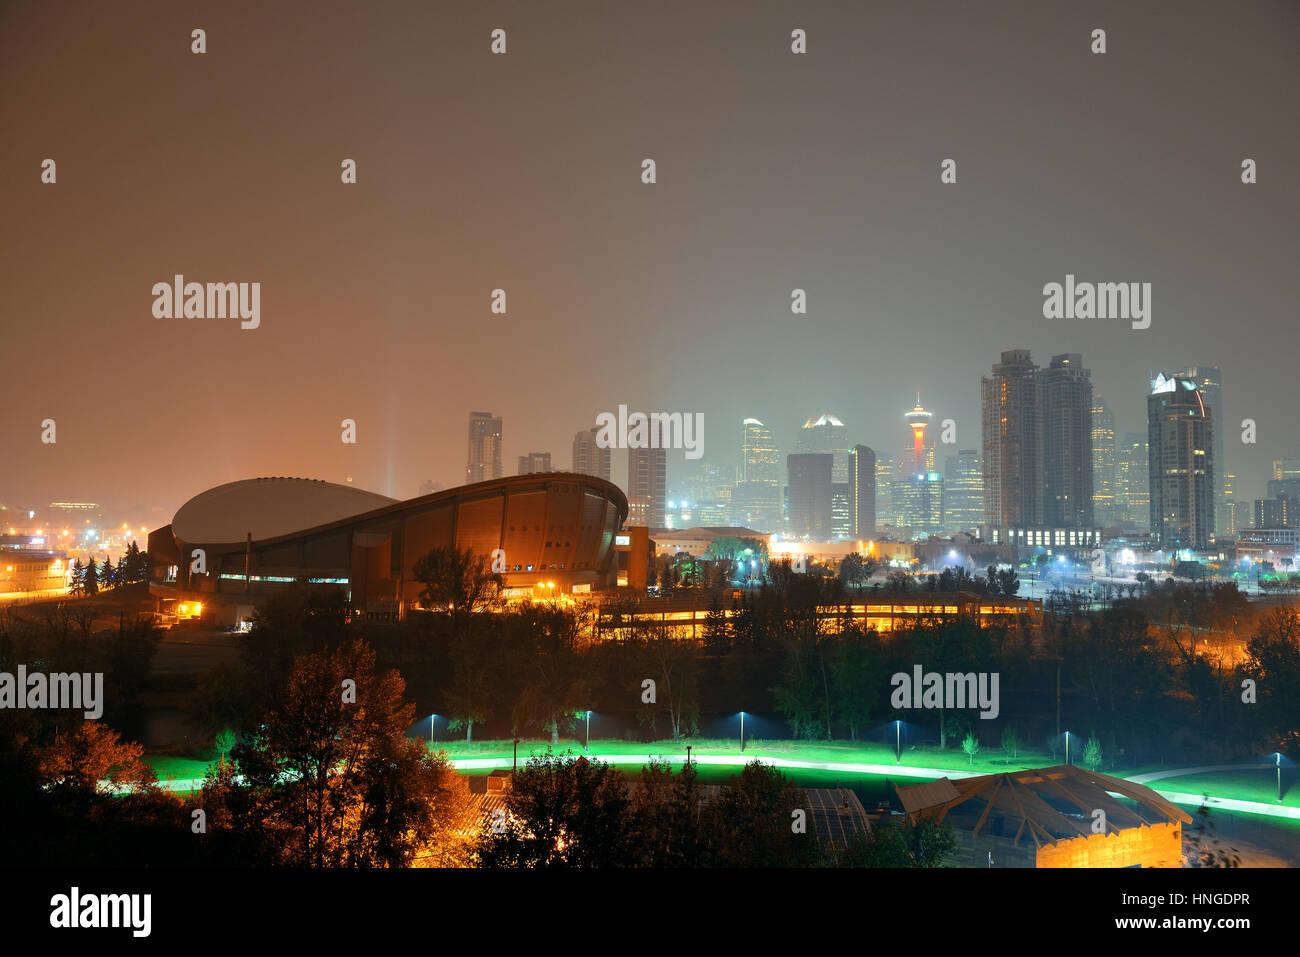 Paesaggio urbano di Calgary in Alberta di notte, Canada. Immagini Stock